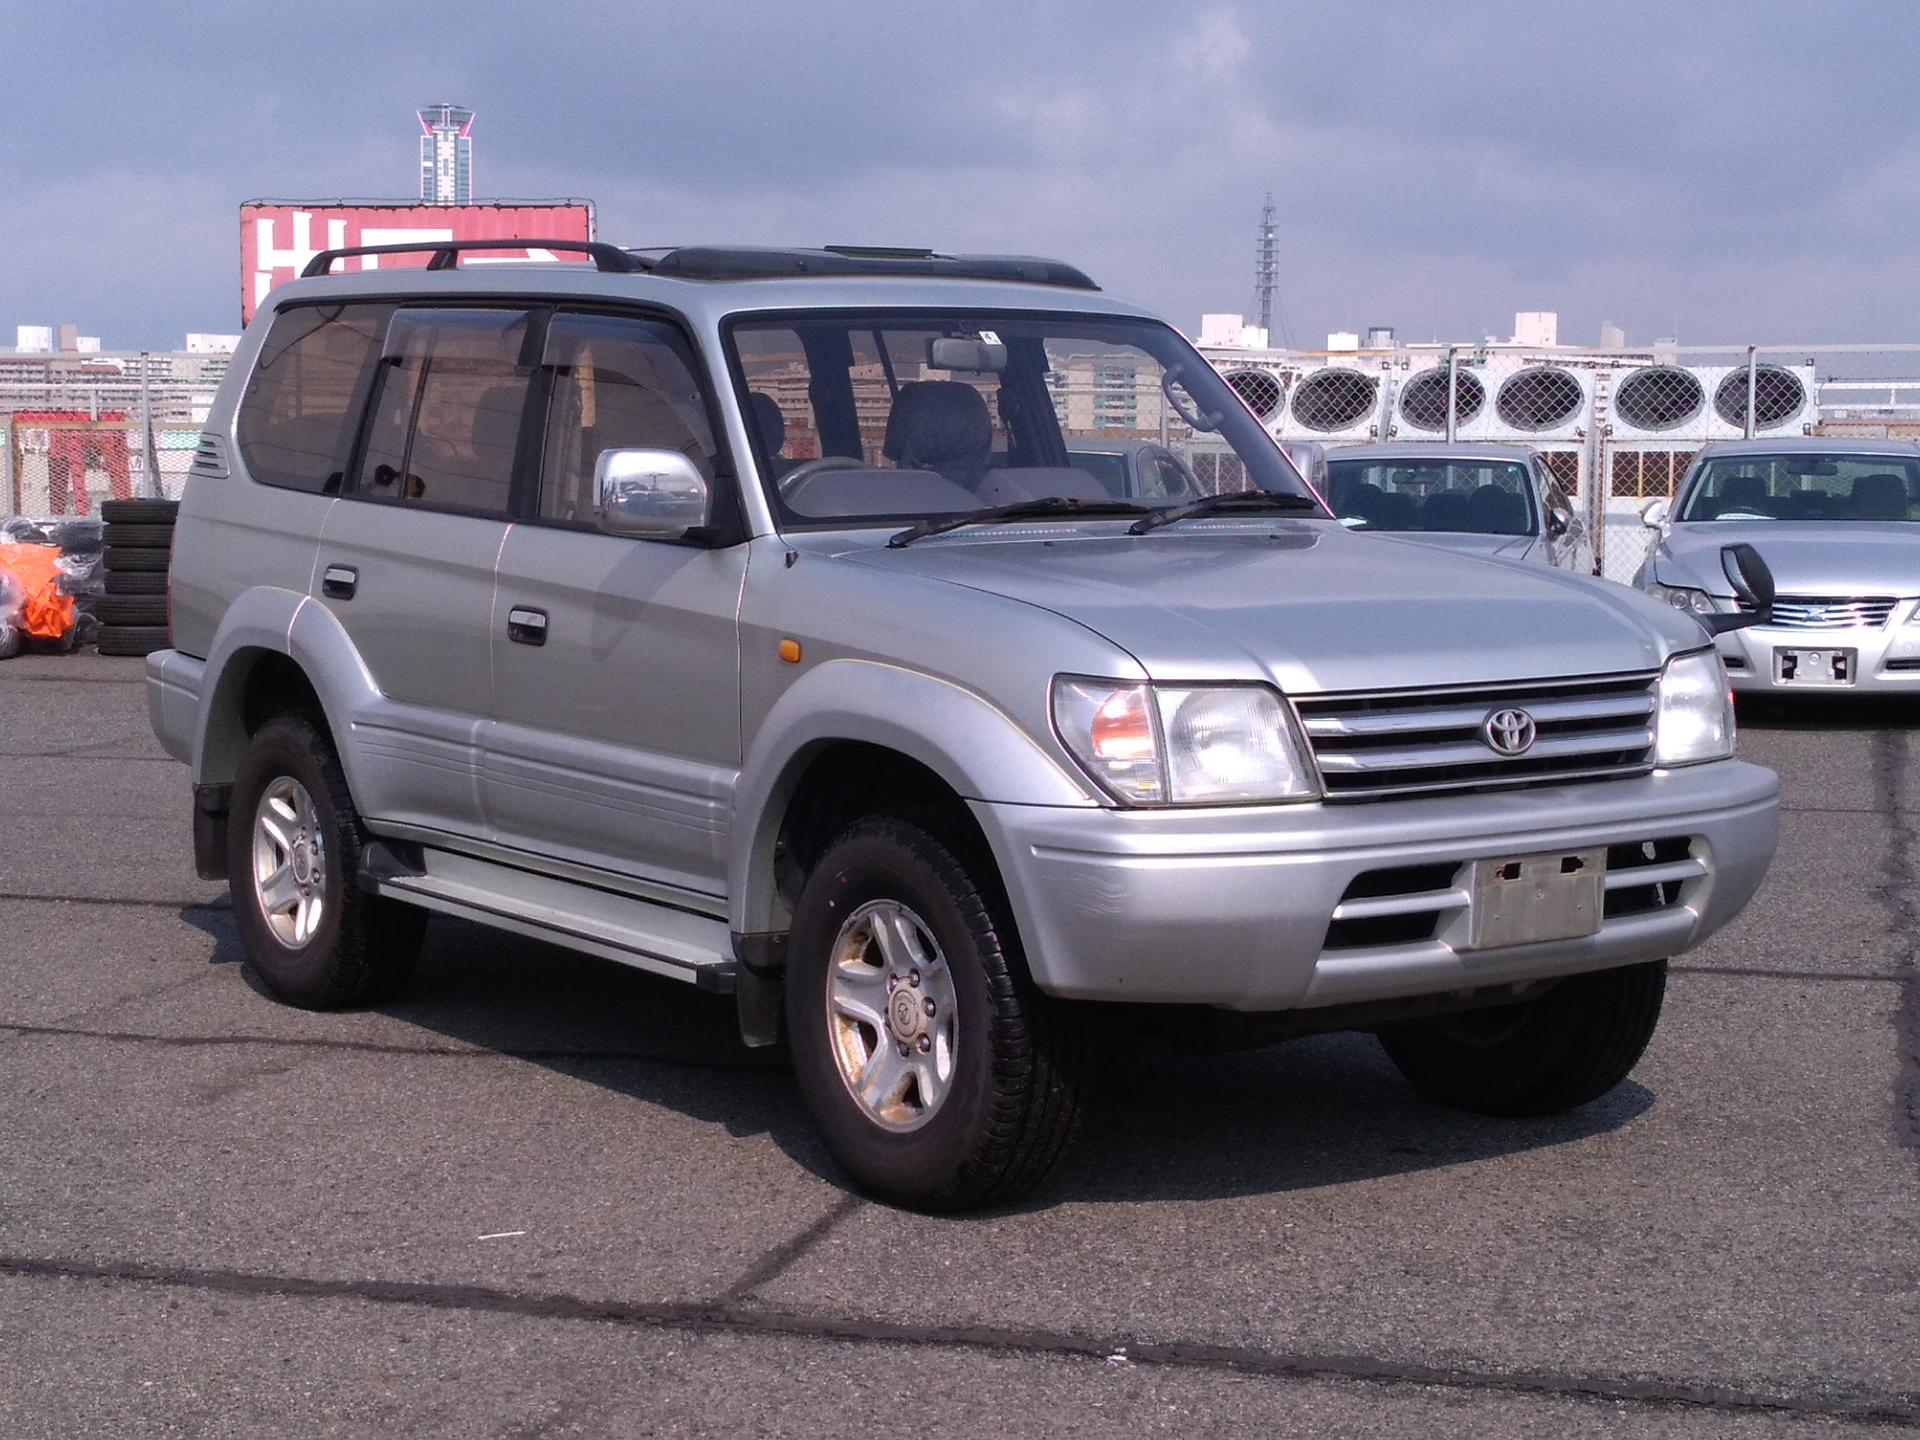 B24020095 pht03